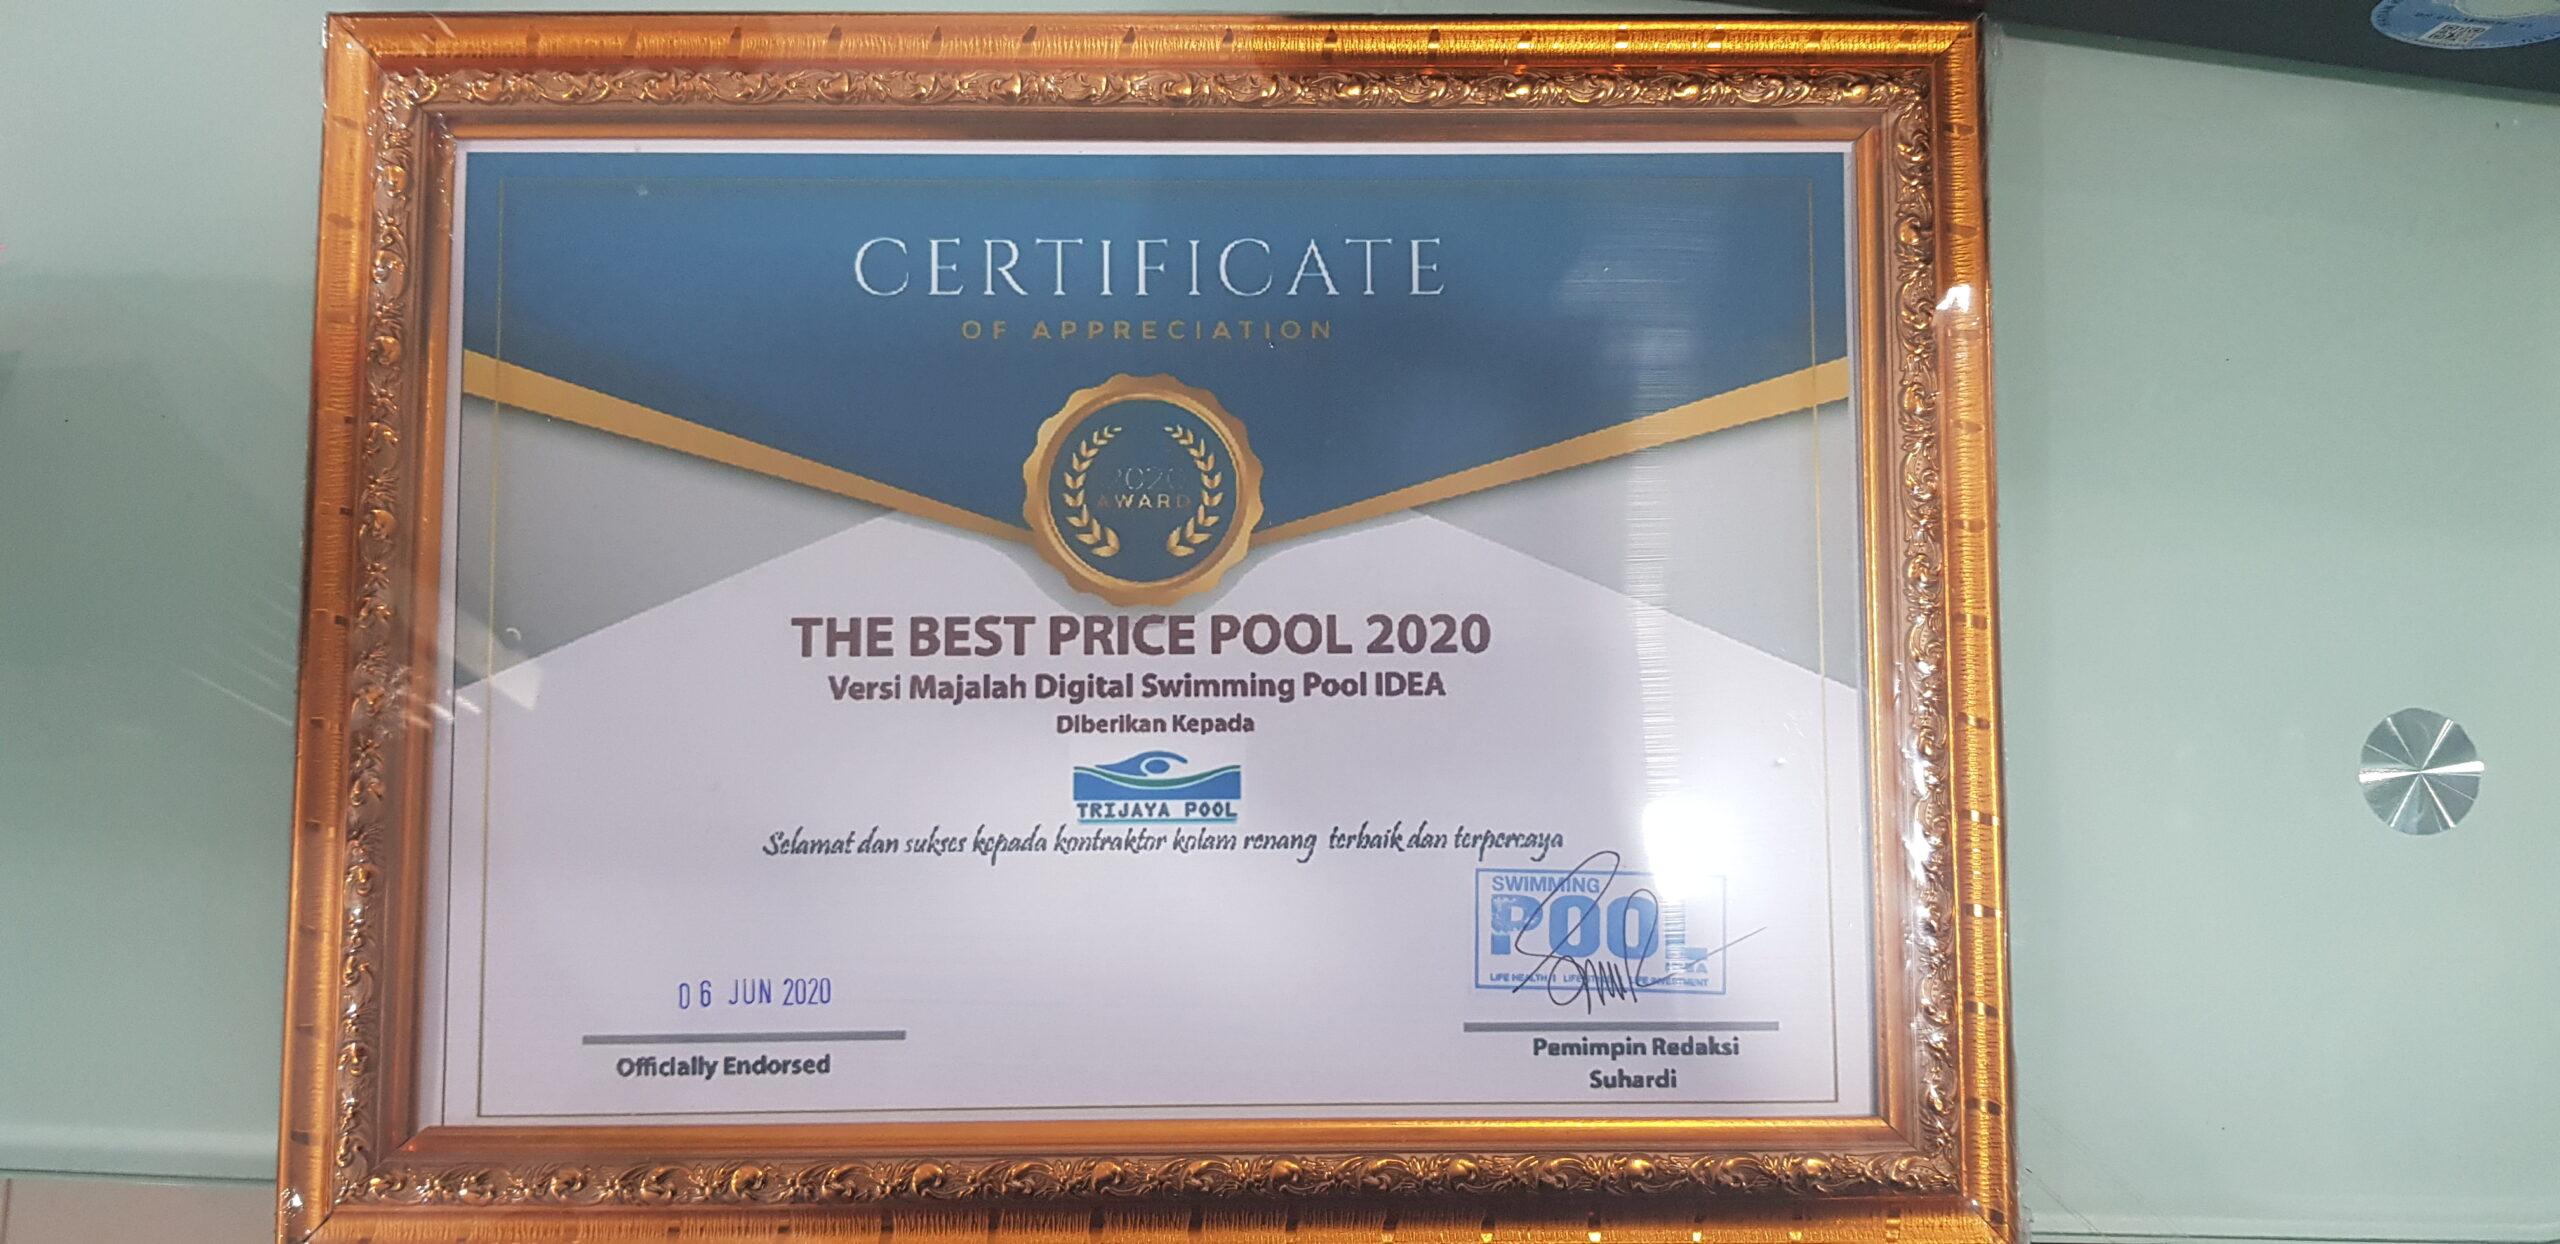 Penghargaan yang diterima Trijaya Pool Sebagai The Best Price Pool